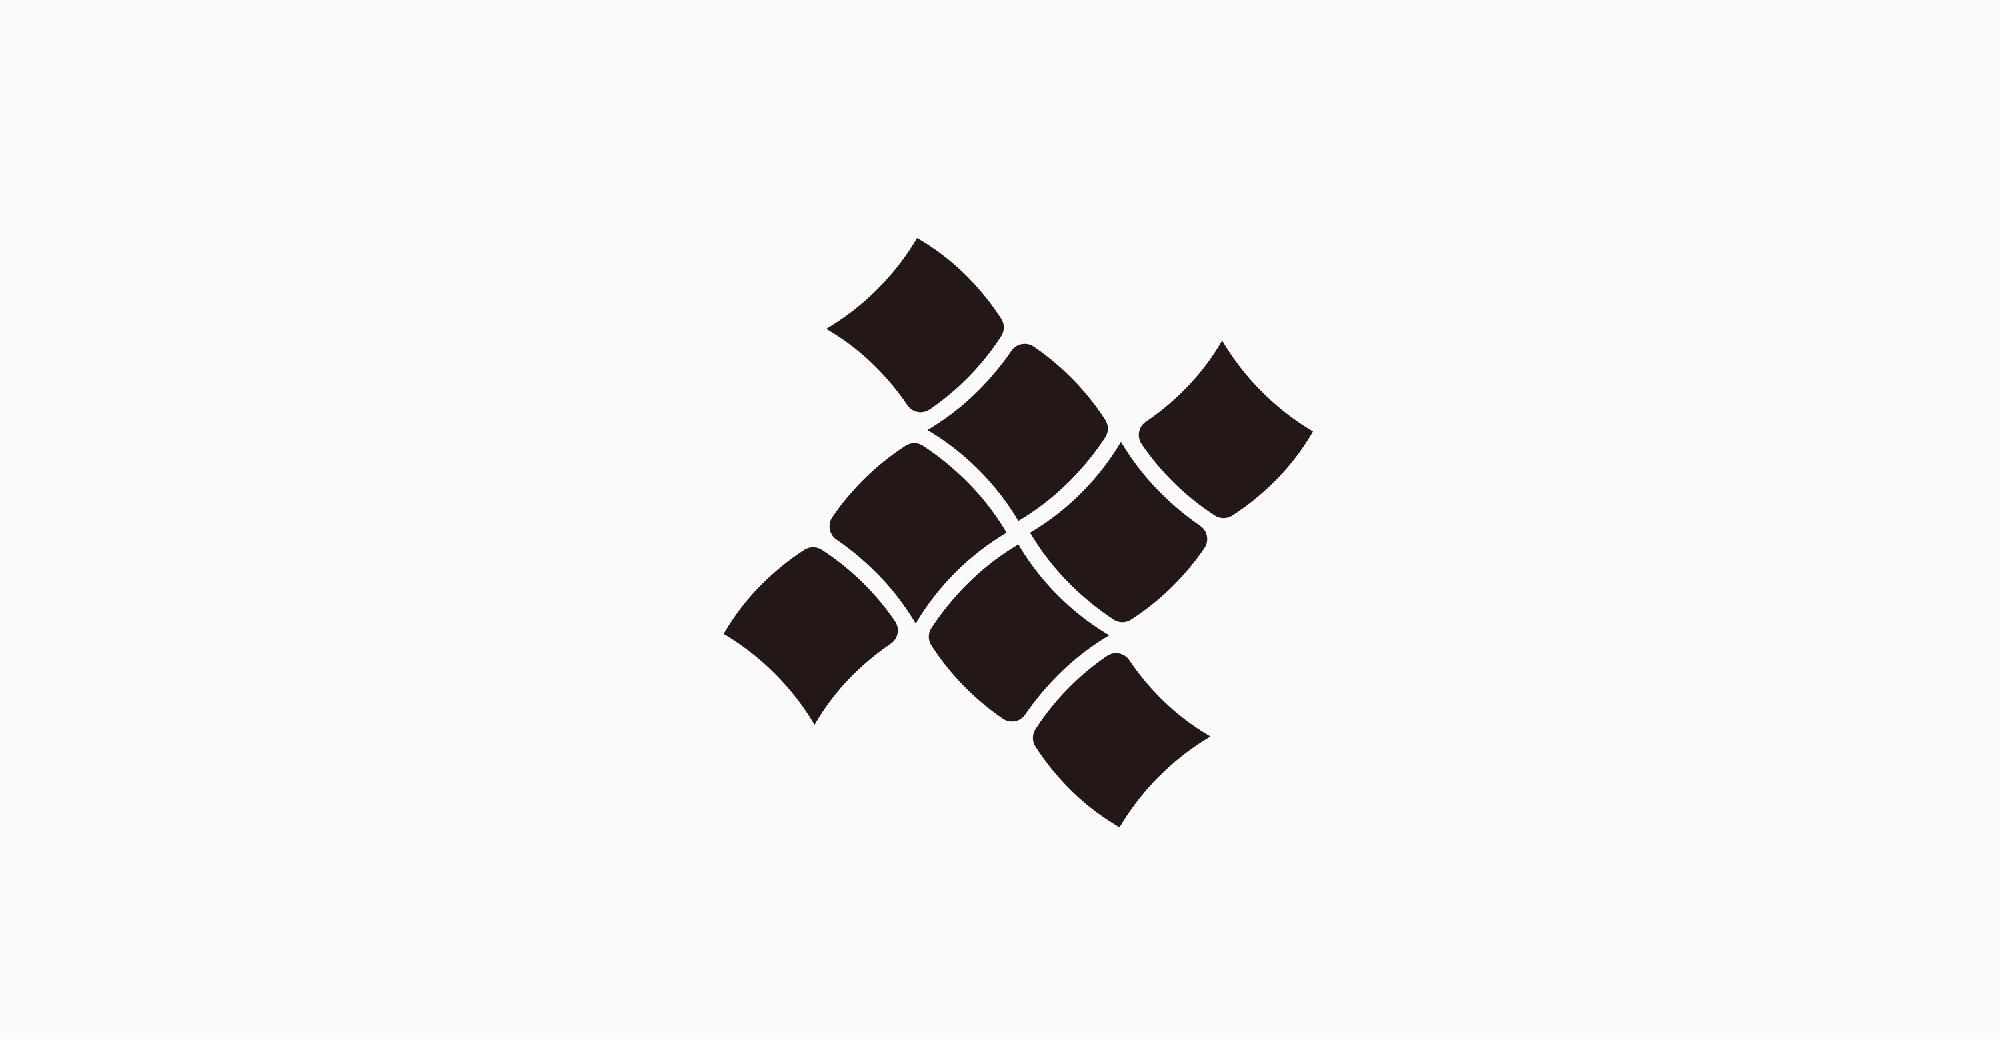 黒帯のロゴ